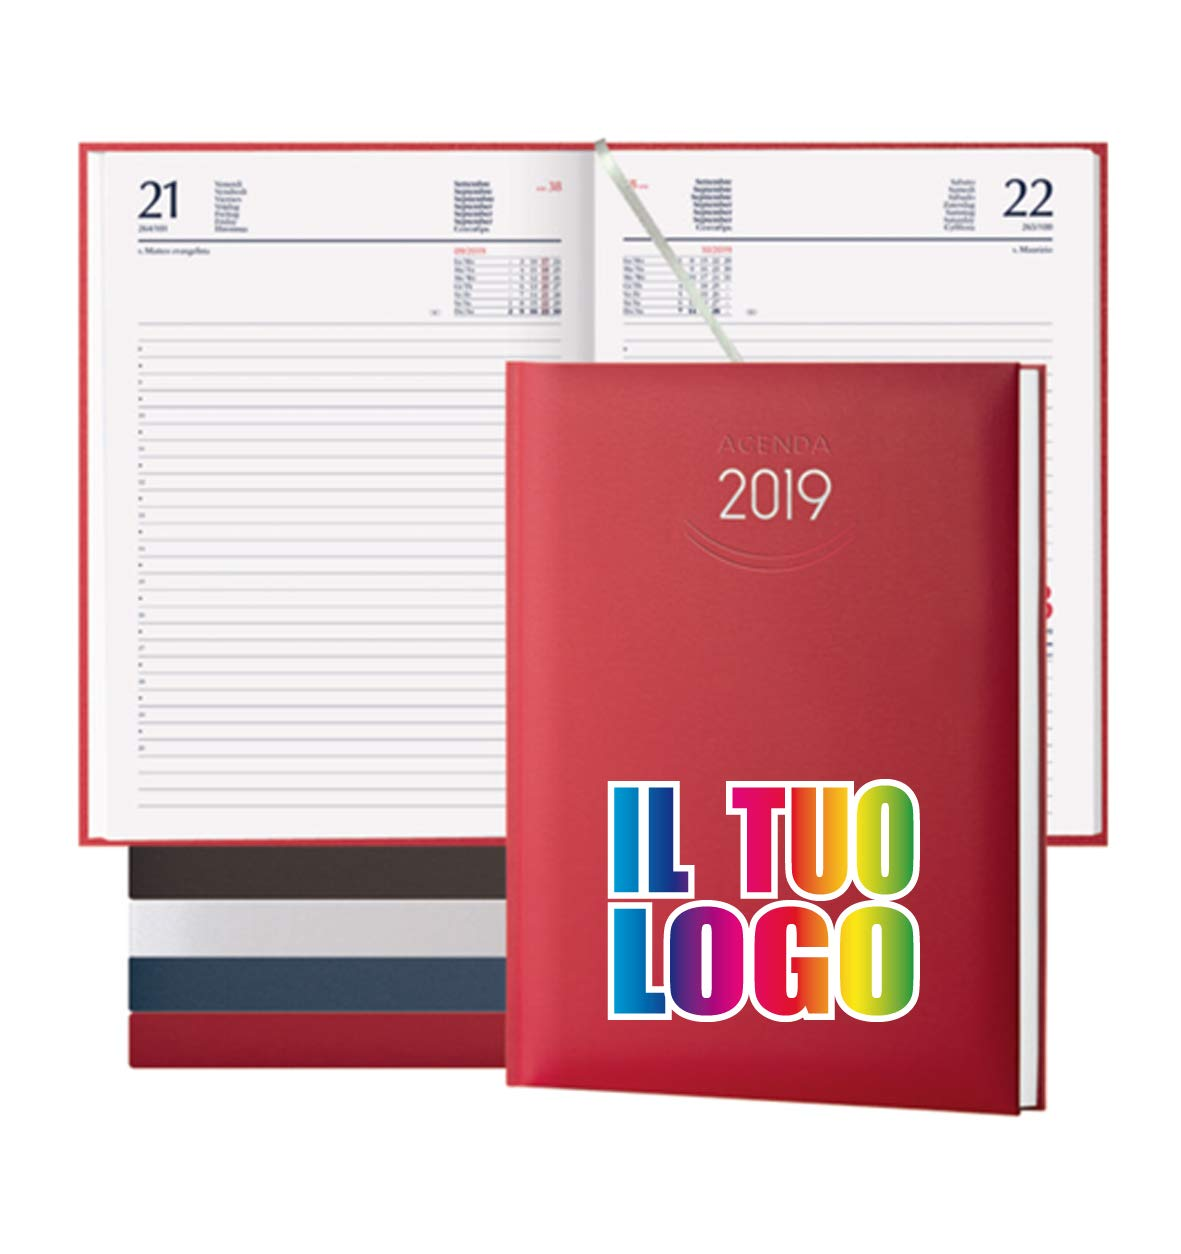 Kalender 2019 Tagebuch Classic DAILY Blau_Fermento Italia blau B07KC4SQPZ     | Kaufen Sie beruhigt und glücklich spielen